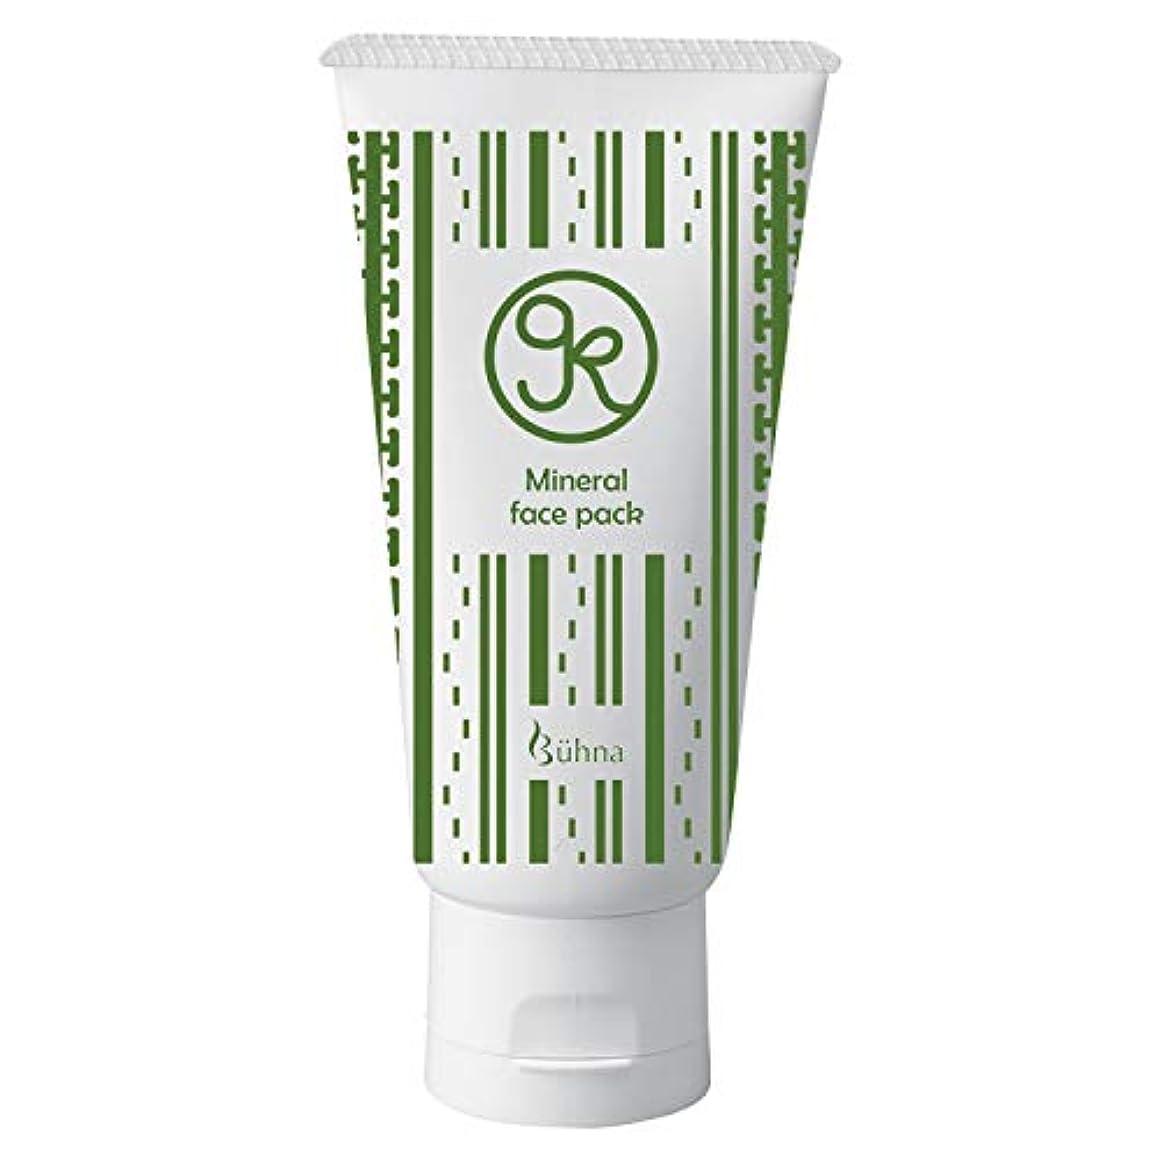 独立したに向かって肥料ビューナ ガゴメ昆布エキス配合ミネラルパック フェイスパック 保湿 コラーゲン ヒアルロン酸 ふきとり不要